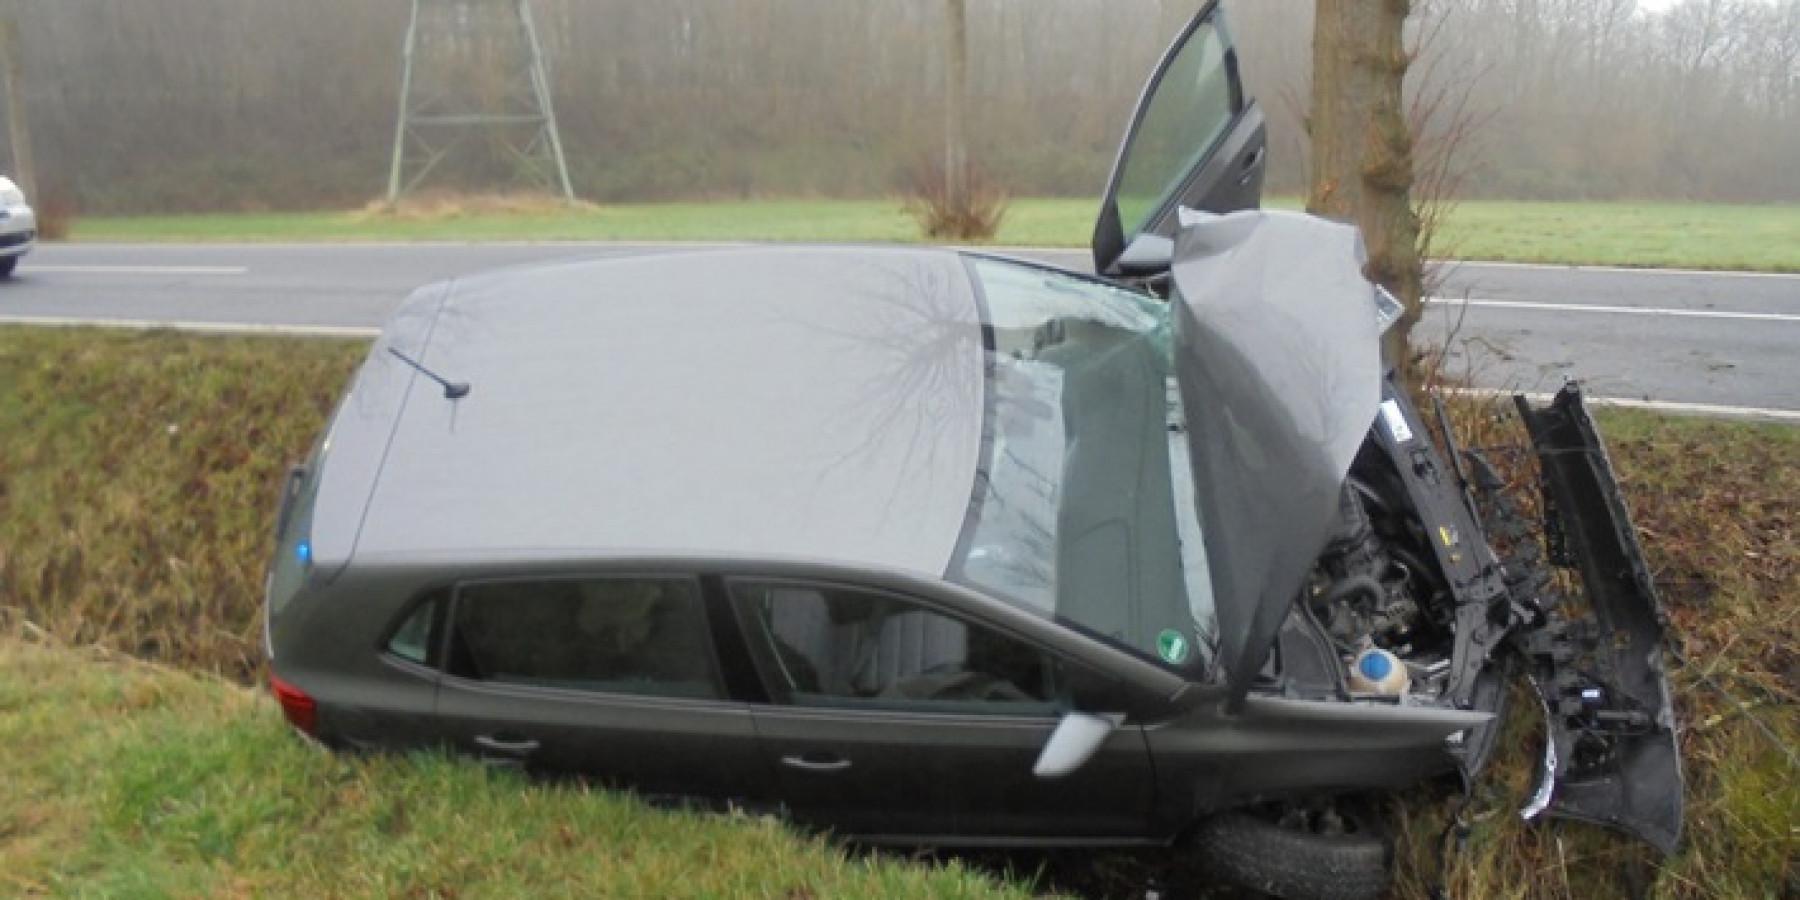 Auto prallt vor Baum – 87-Jähriger schwer verletzt